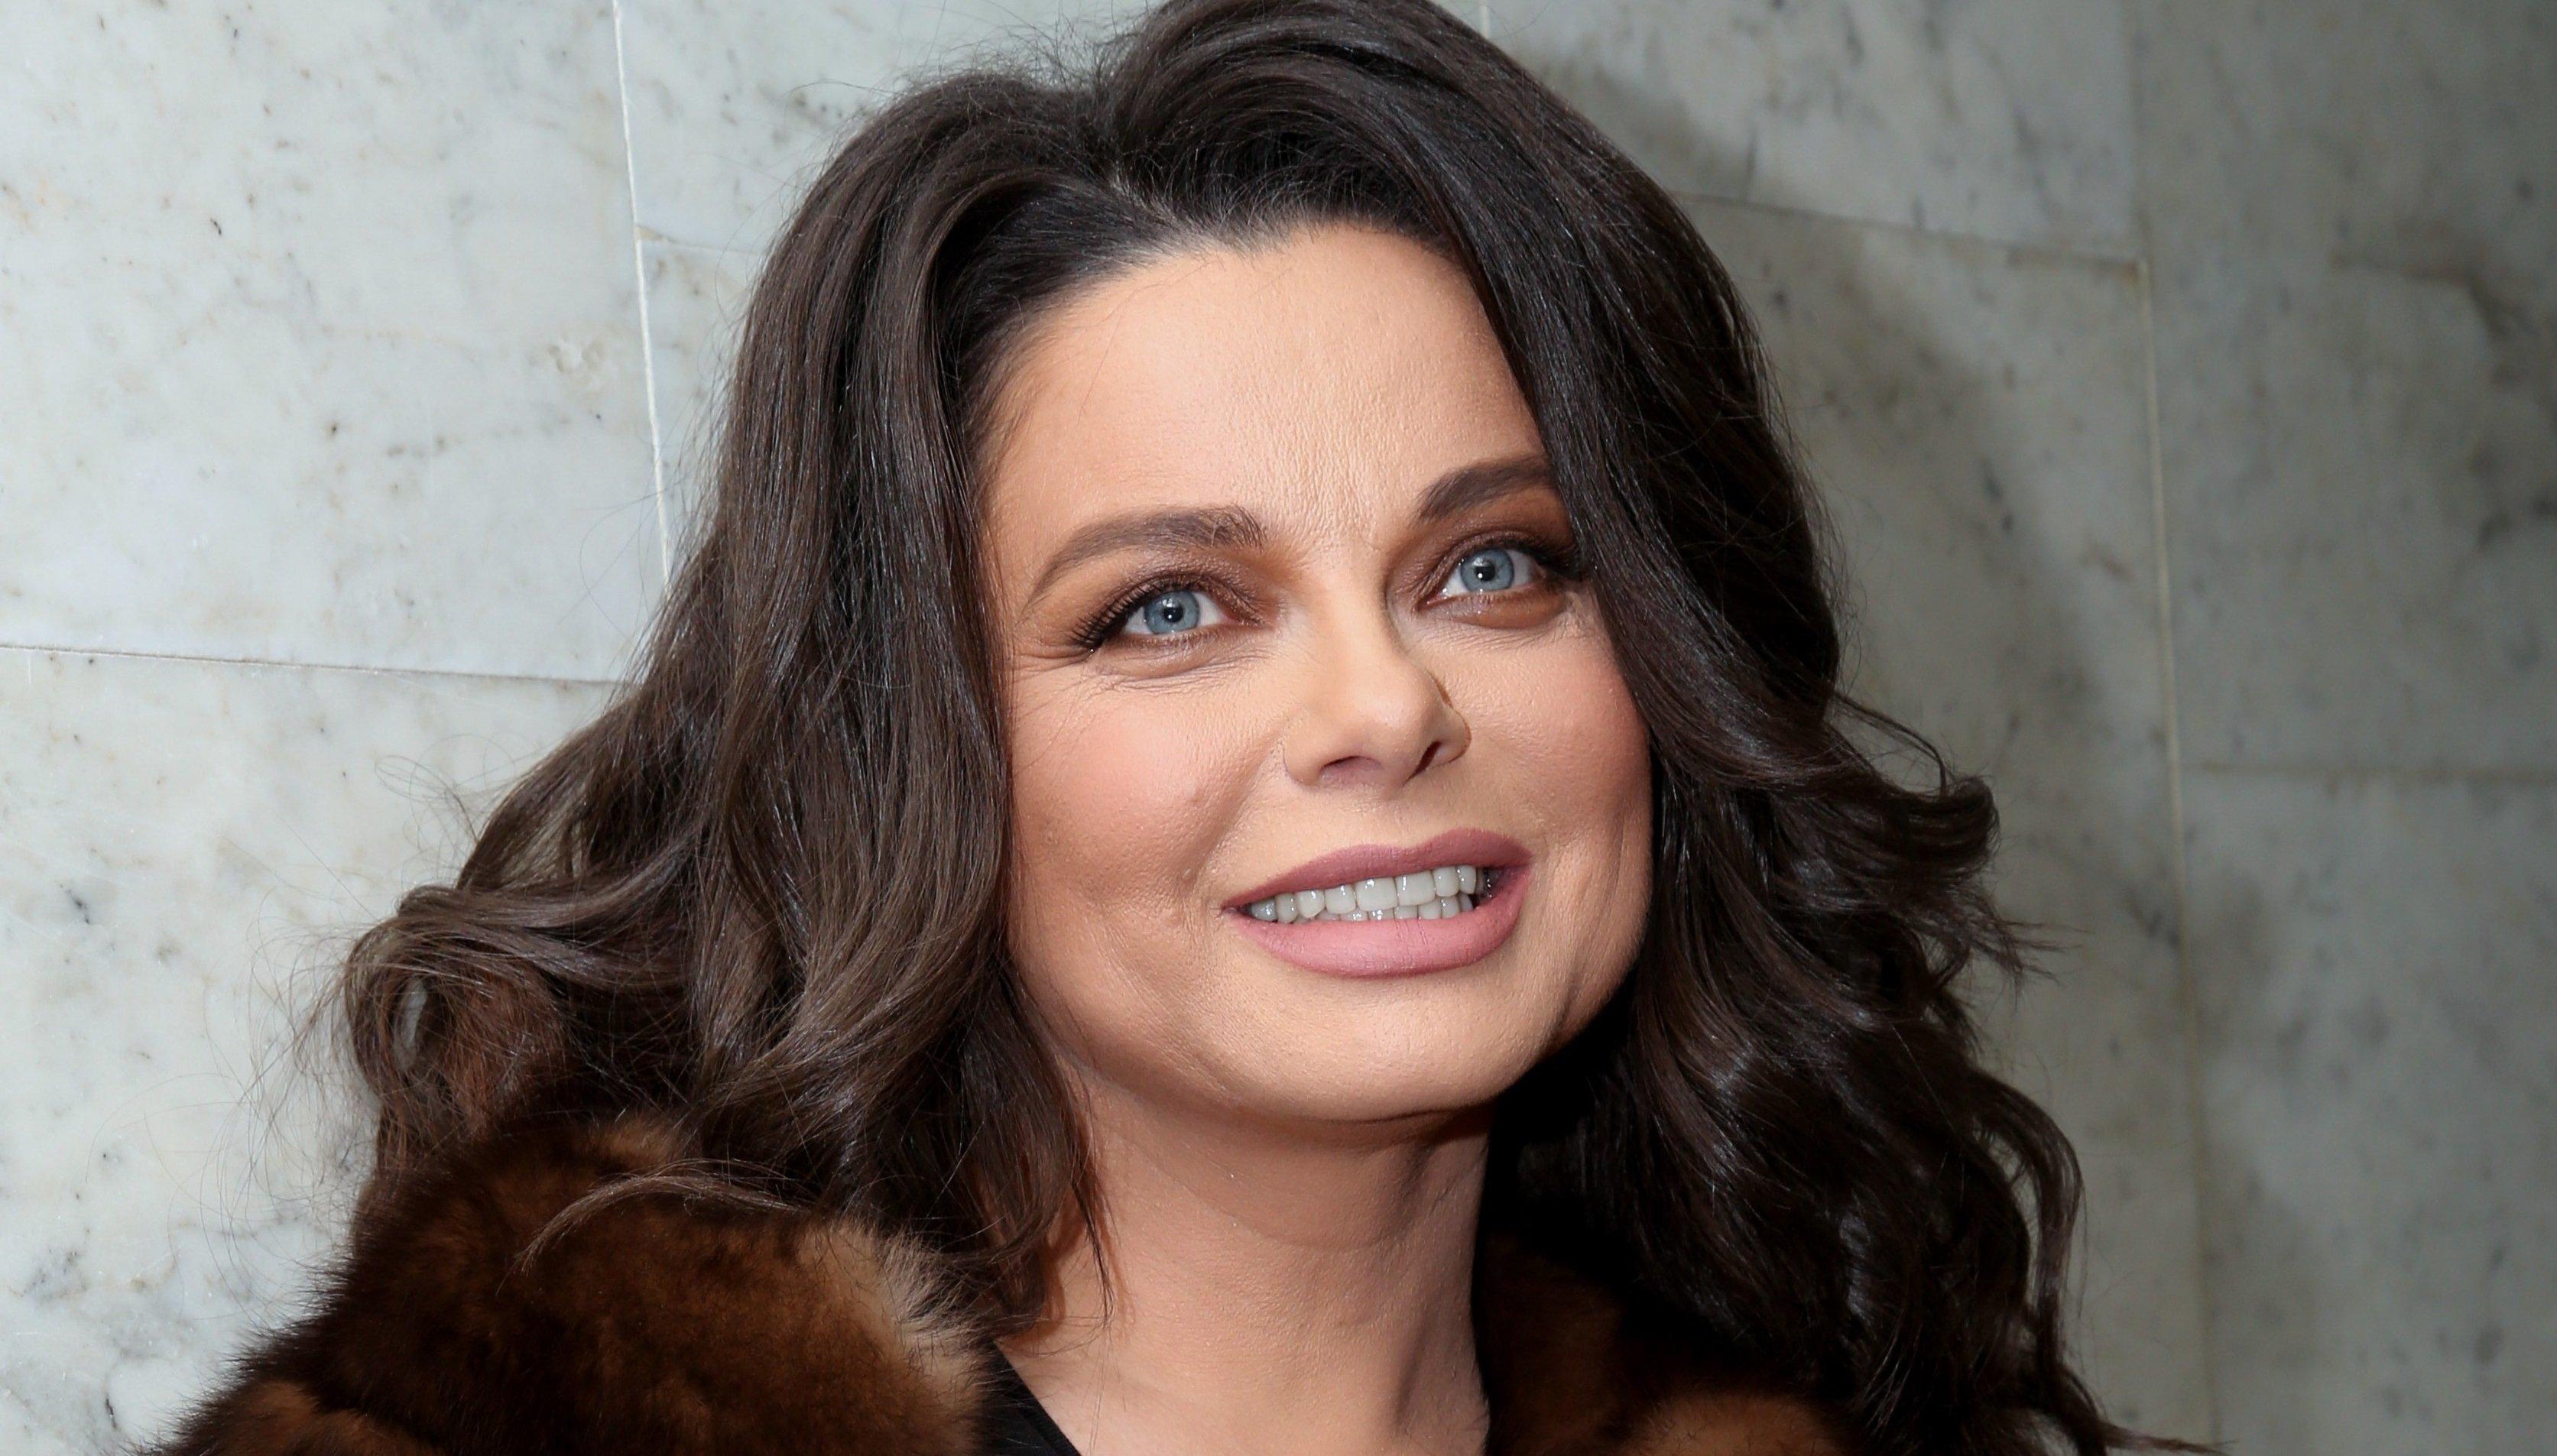 Наташа Королёва призвала очистить телевидение от скандальных шоу